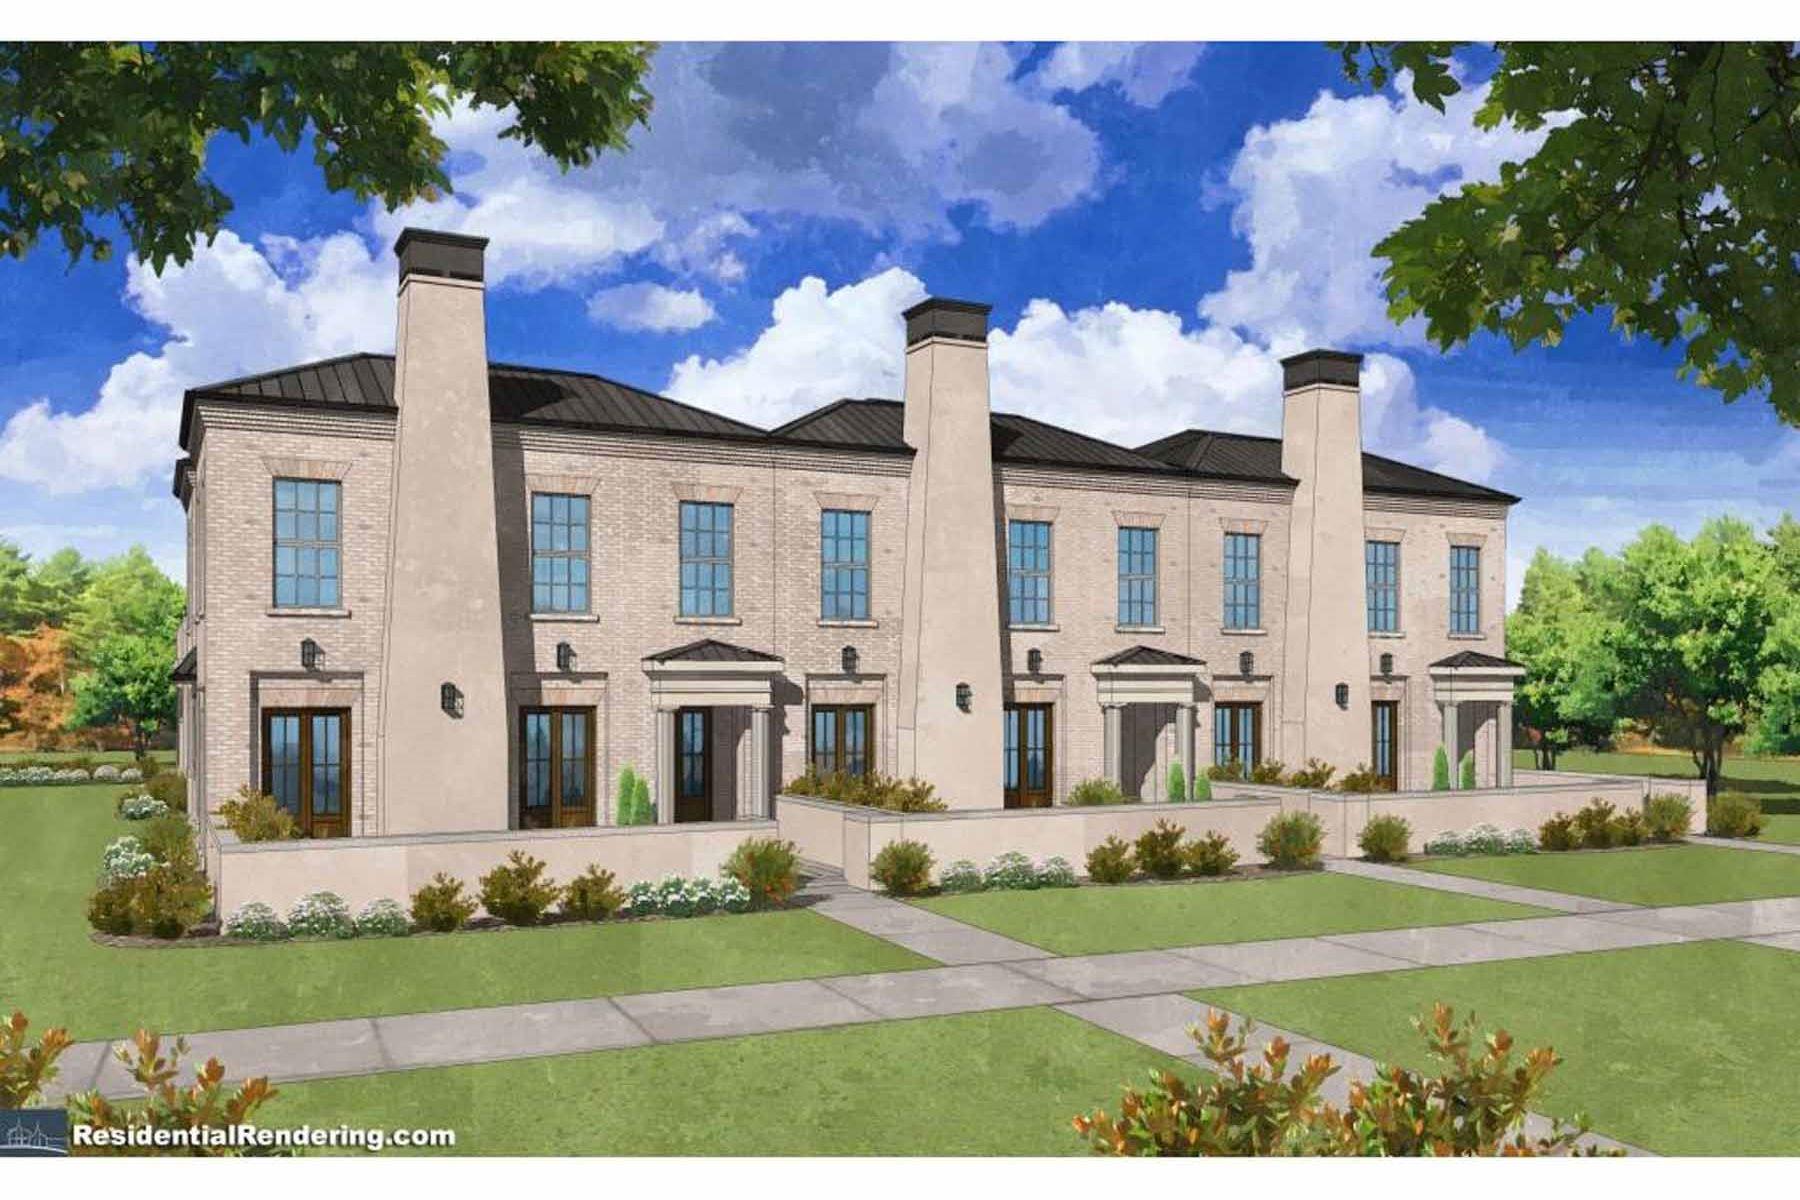 独户住宅 为 销售 在 The Manning At Avalon 140 Grand Crescent 阿法乐特, 乔治亚州, 30009 美国